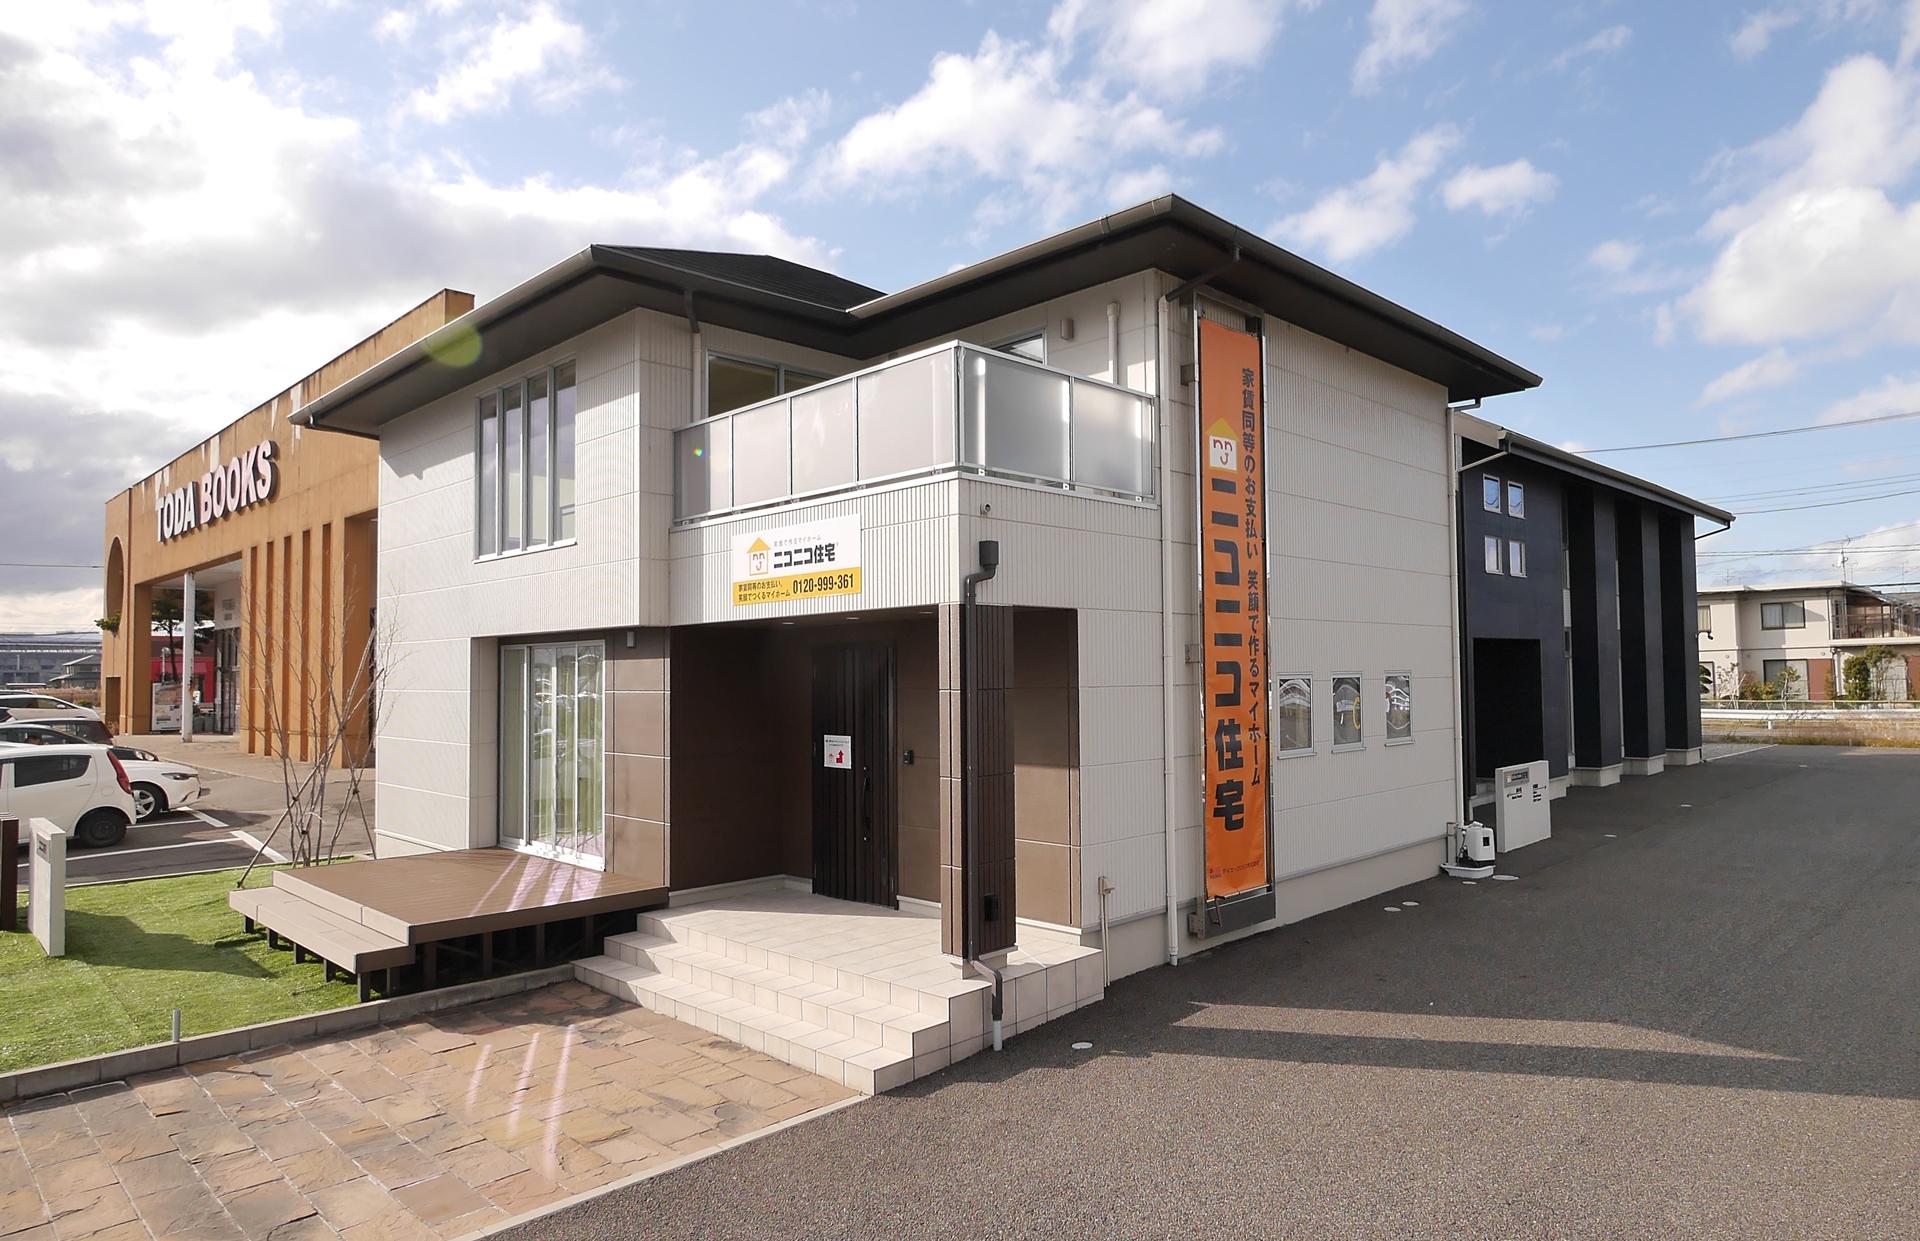 ニコニコ住宅新潟 新潟南サテライトオフィス外観